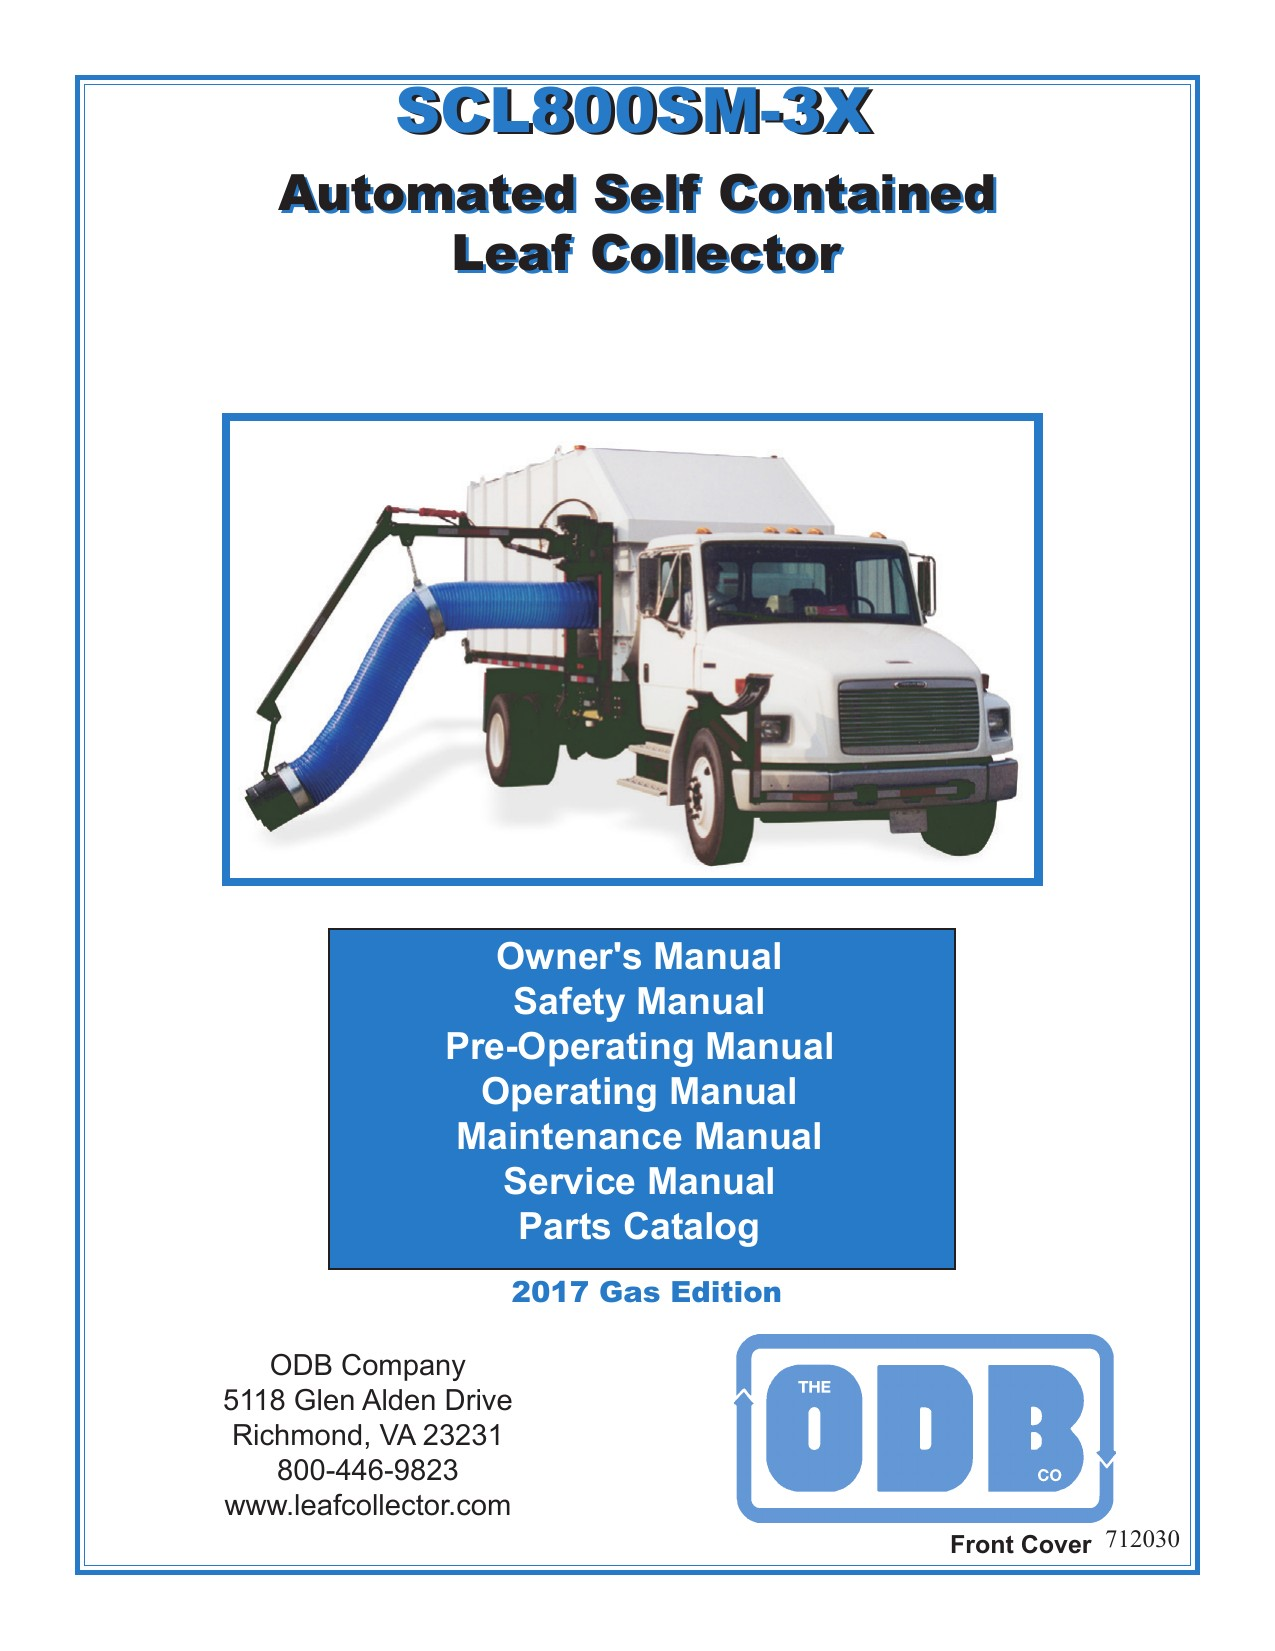 Bury Car Kit Wiring Diagram Scl800sm 3x Old Dominion Brush Of Bury Car Kit Wiring Diagram